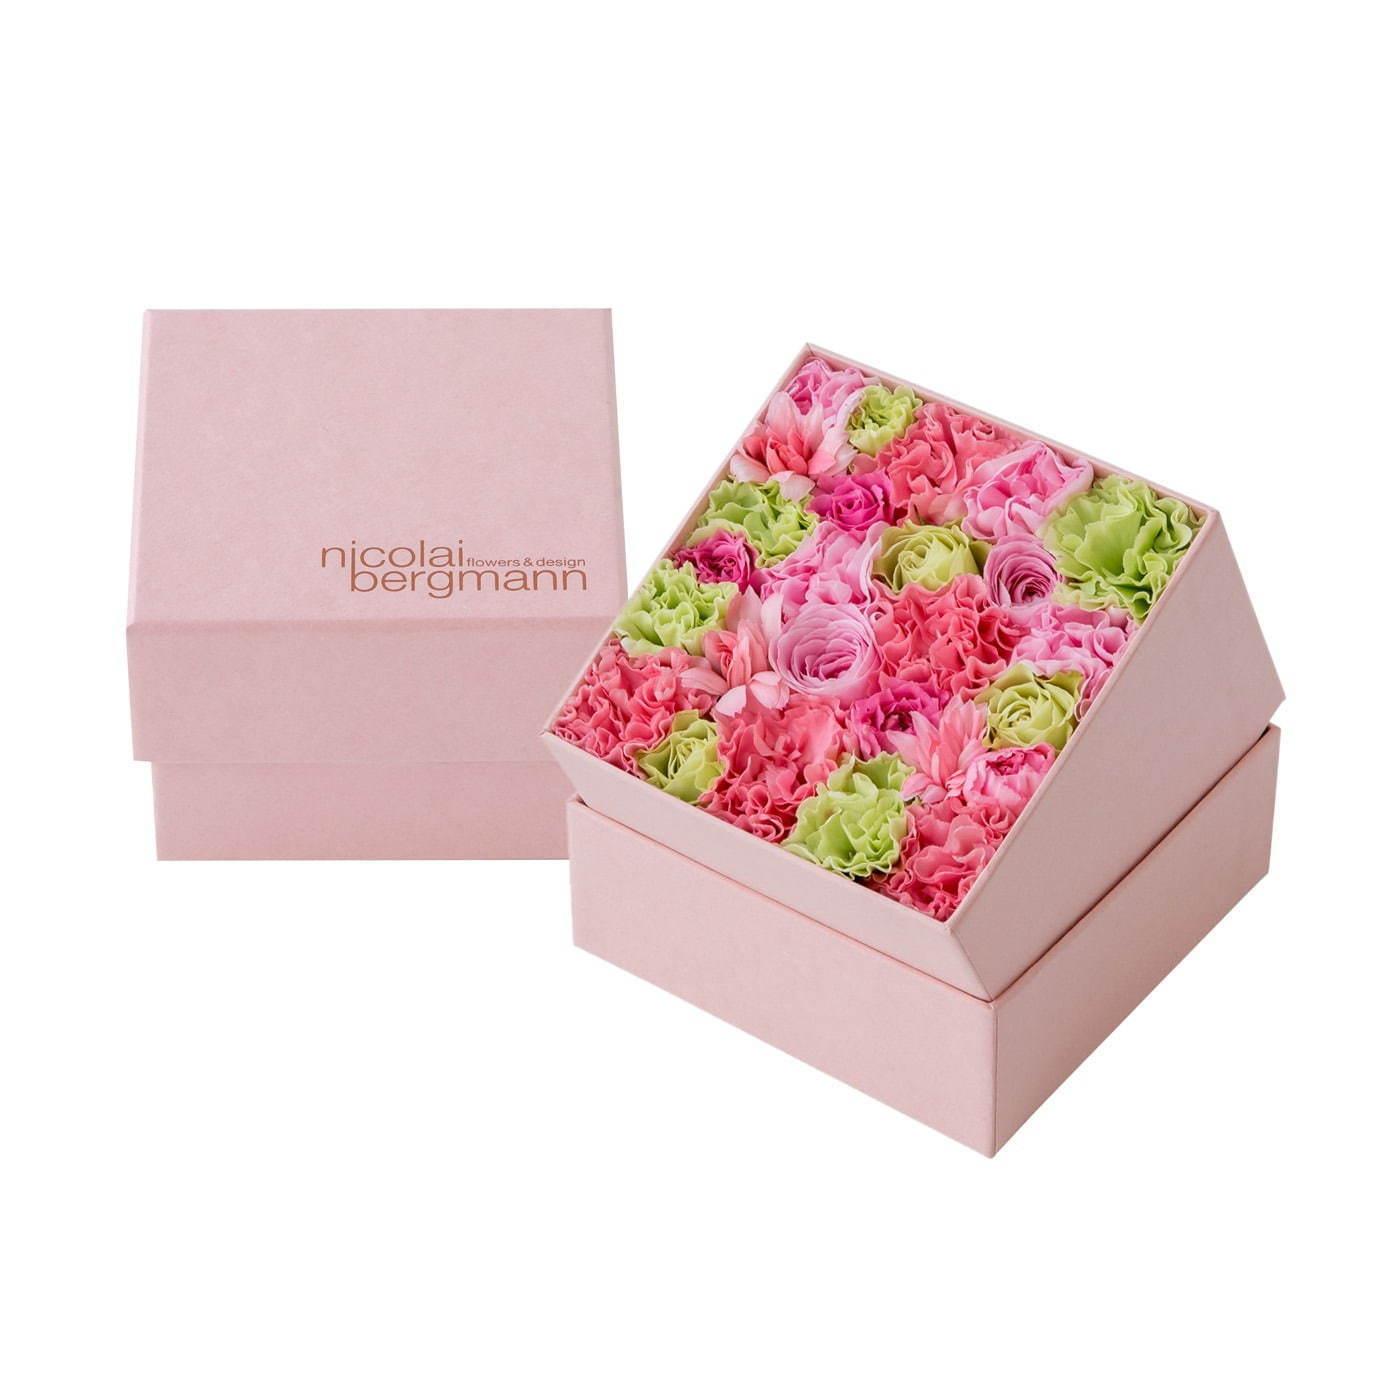 『ニコライ・バーグマン』の「母の日限定フラワーボックス」を大好きなお母さんへ贈ろう♡_1